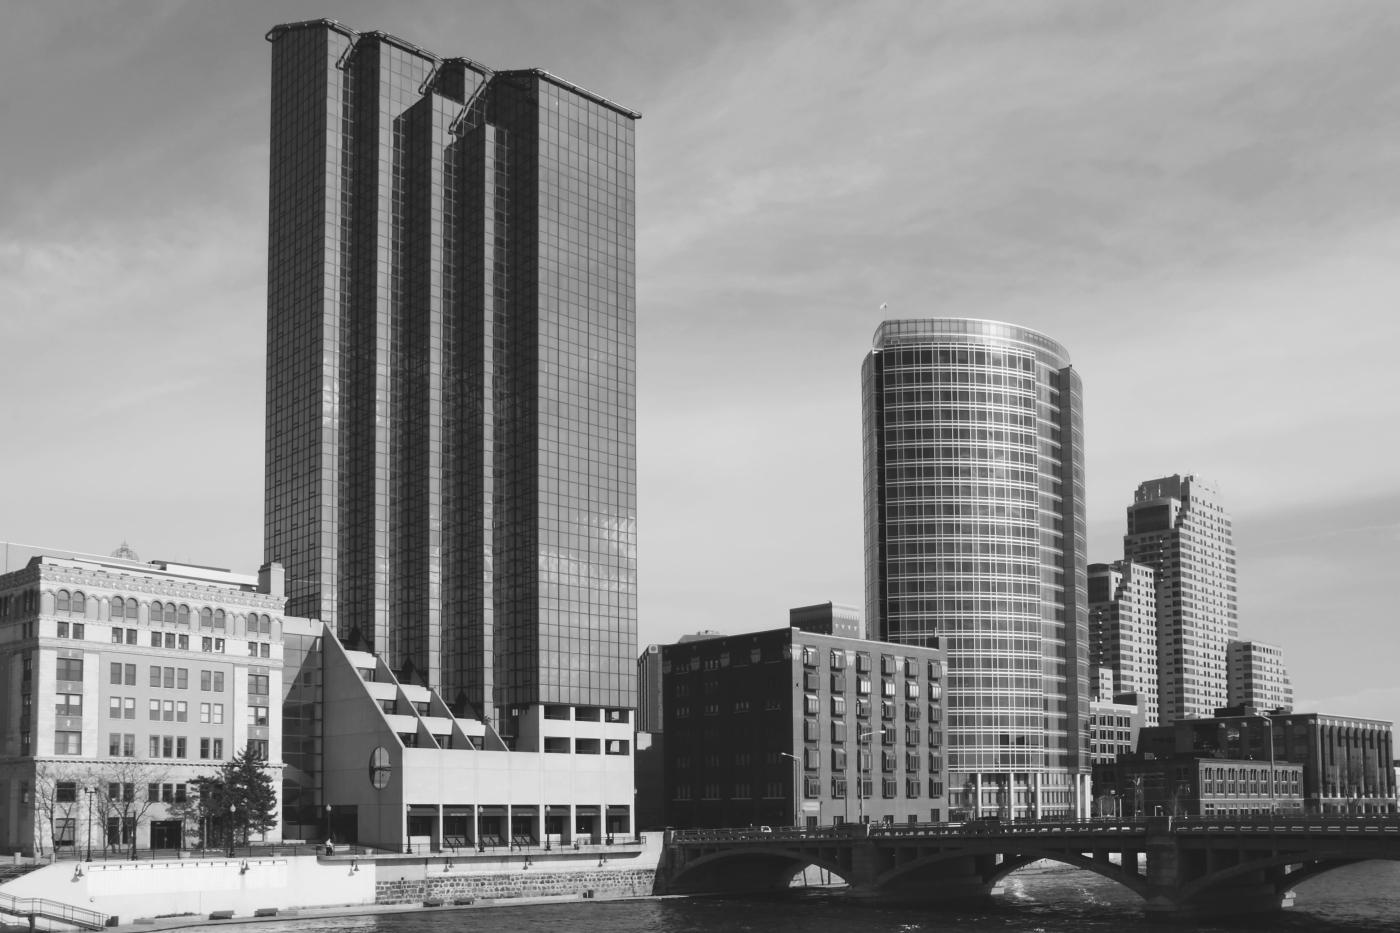 City of Grand Rapids, MI